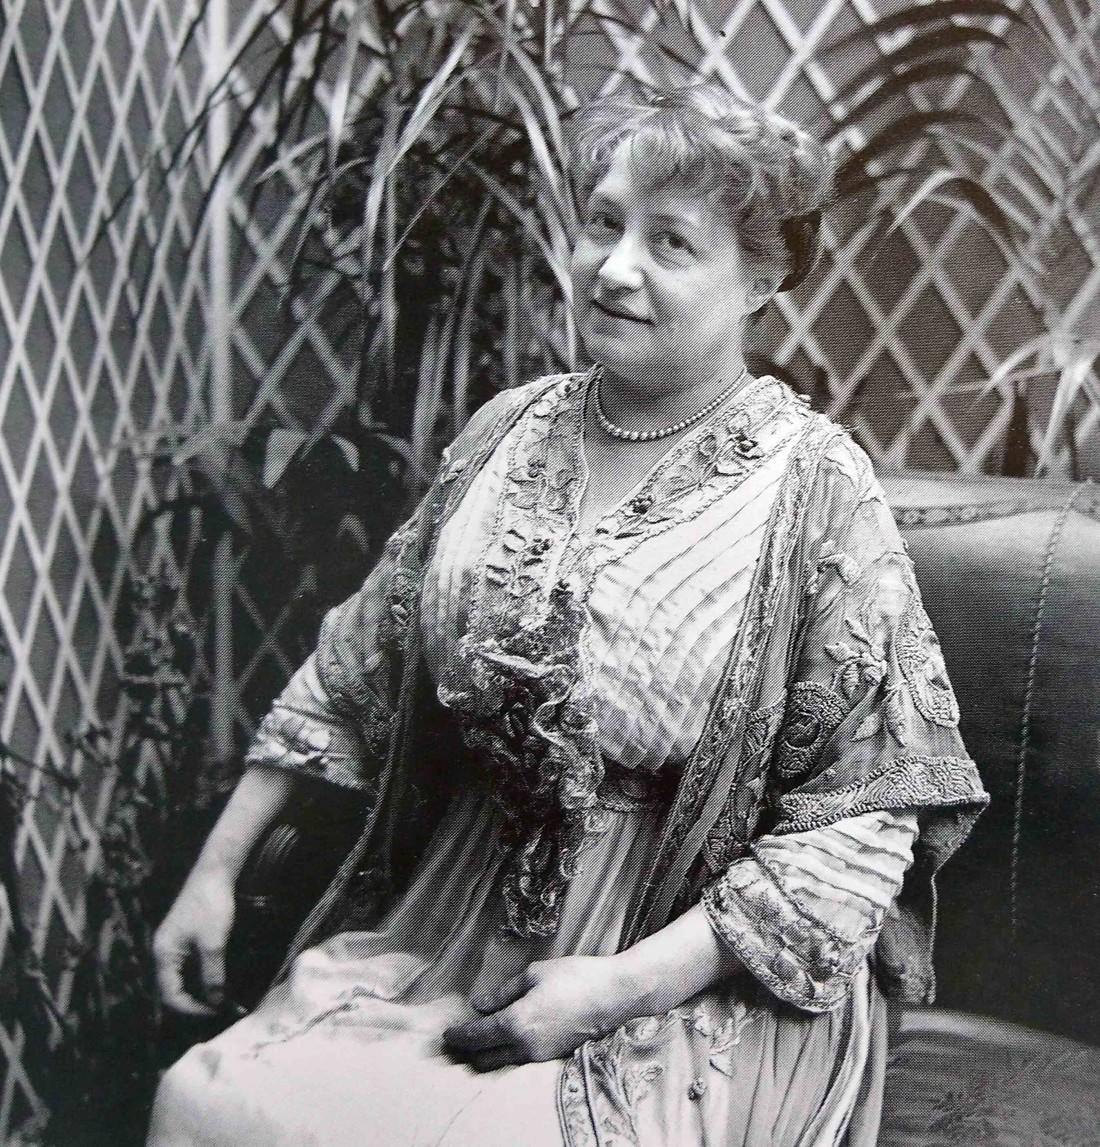 Histoire_Marguerite Durand